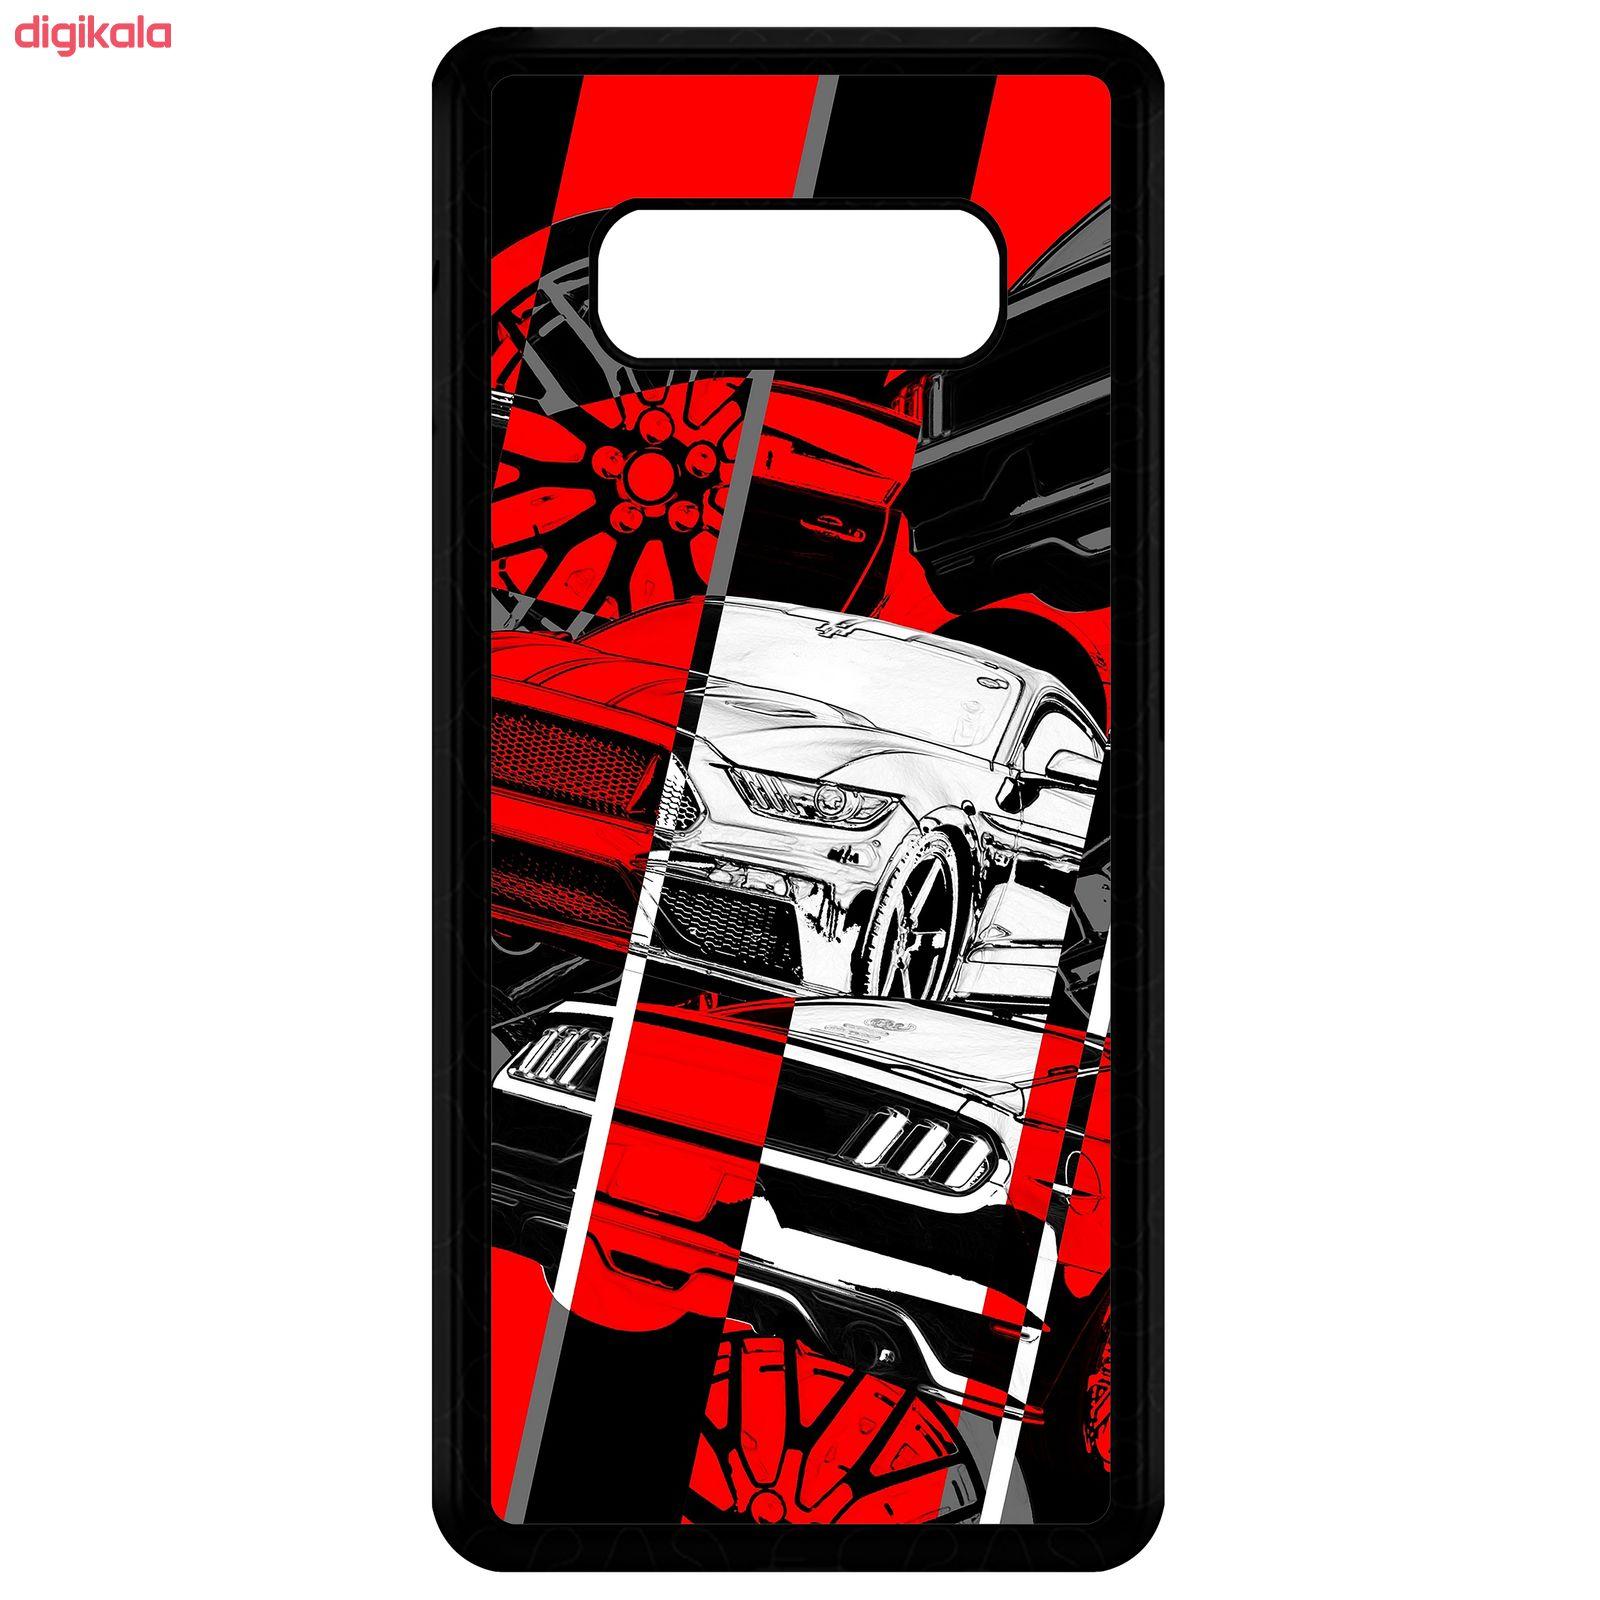 کاور طرح خودرو مدل CHL50218 مناسب برای گوشی موبایل سامسونگ Galaxy Note 8